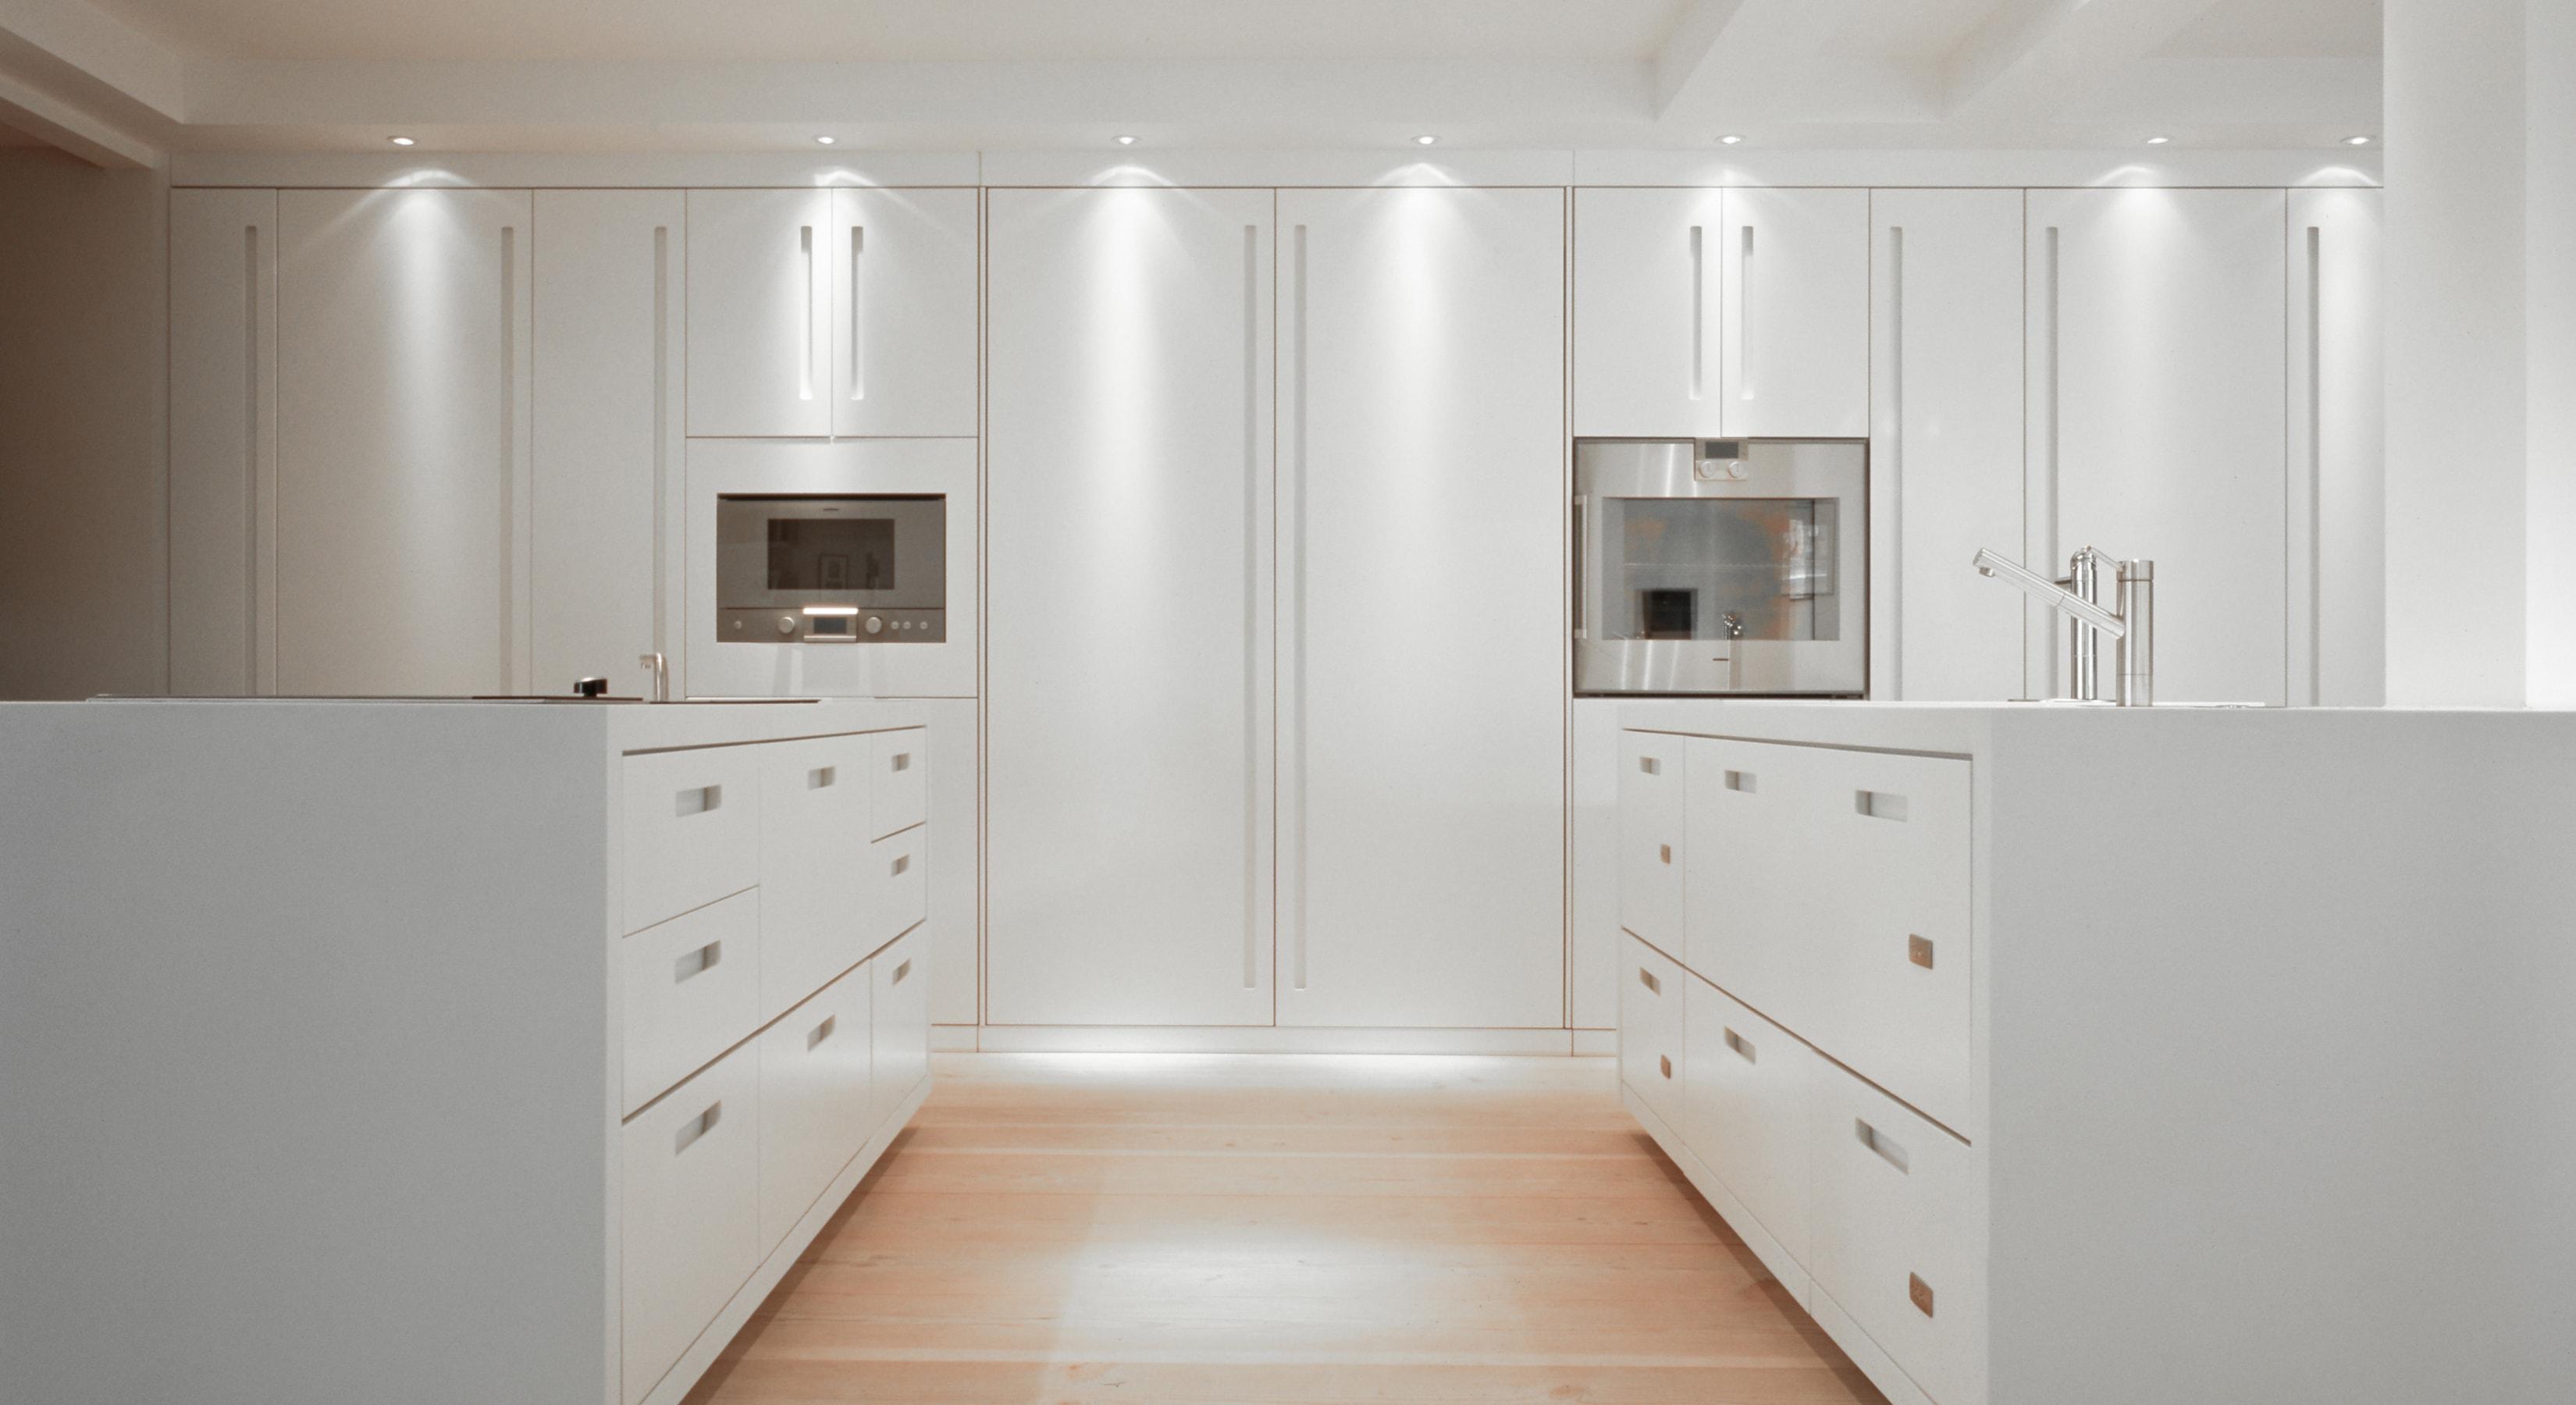 Westbourne kitchen concept